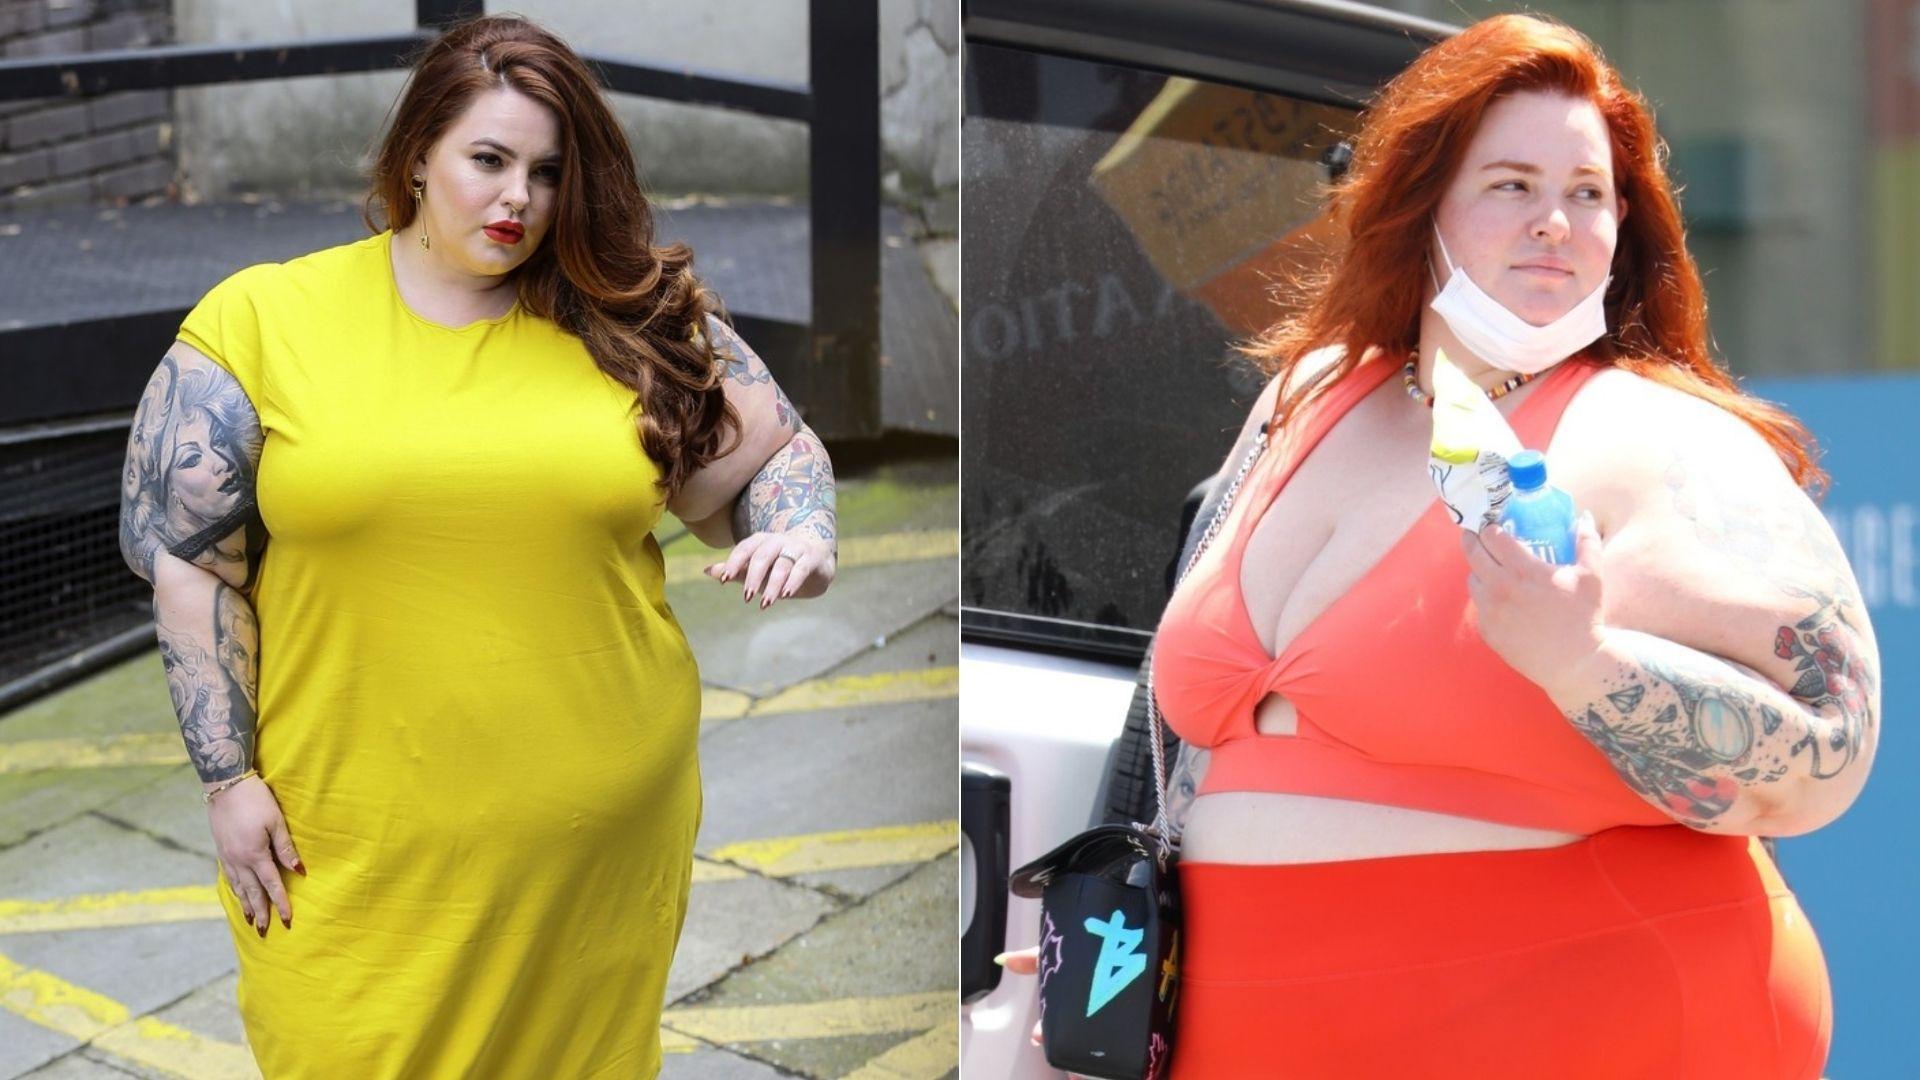 Toți râd de Tess Holliday că este supraponderală până află câți bani îi aduce corpul său anual. Ce salariu fabulos are